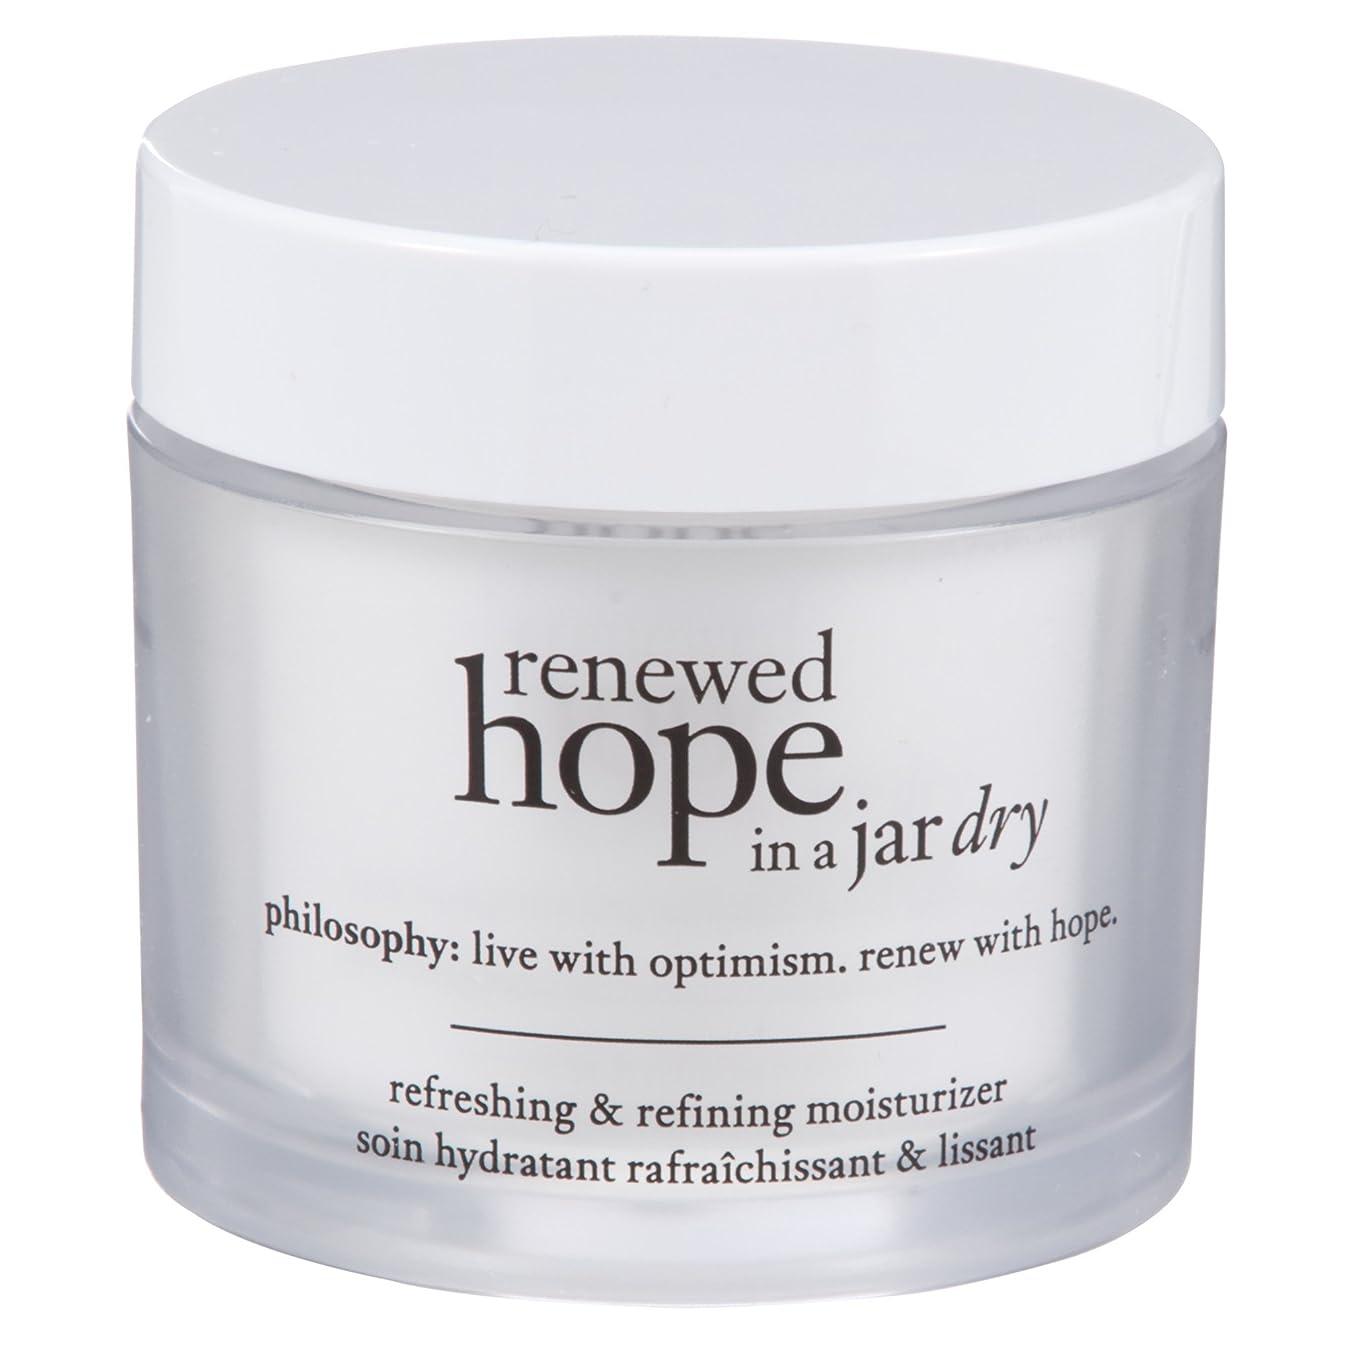 十二連帯滑りやすい瓶乾燥肌の保湿60ミリリットルで哲学新たな希望 (Philosophy) (x6) - Philosophy Renewed Hope in a Jar Dry Skin Moisturiser 60ml (Pack of 6) [並行輸入品]